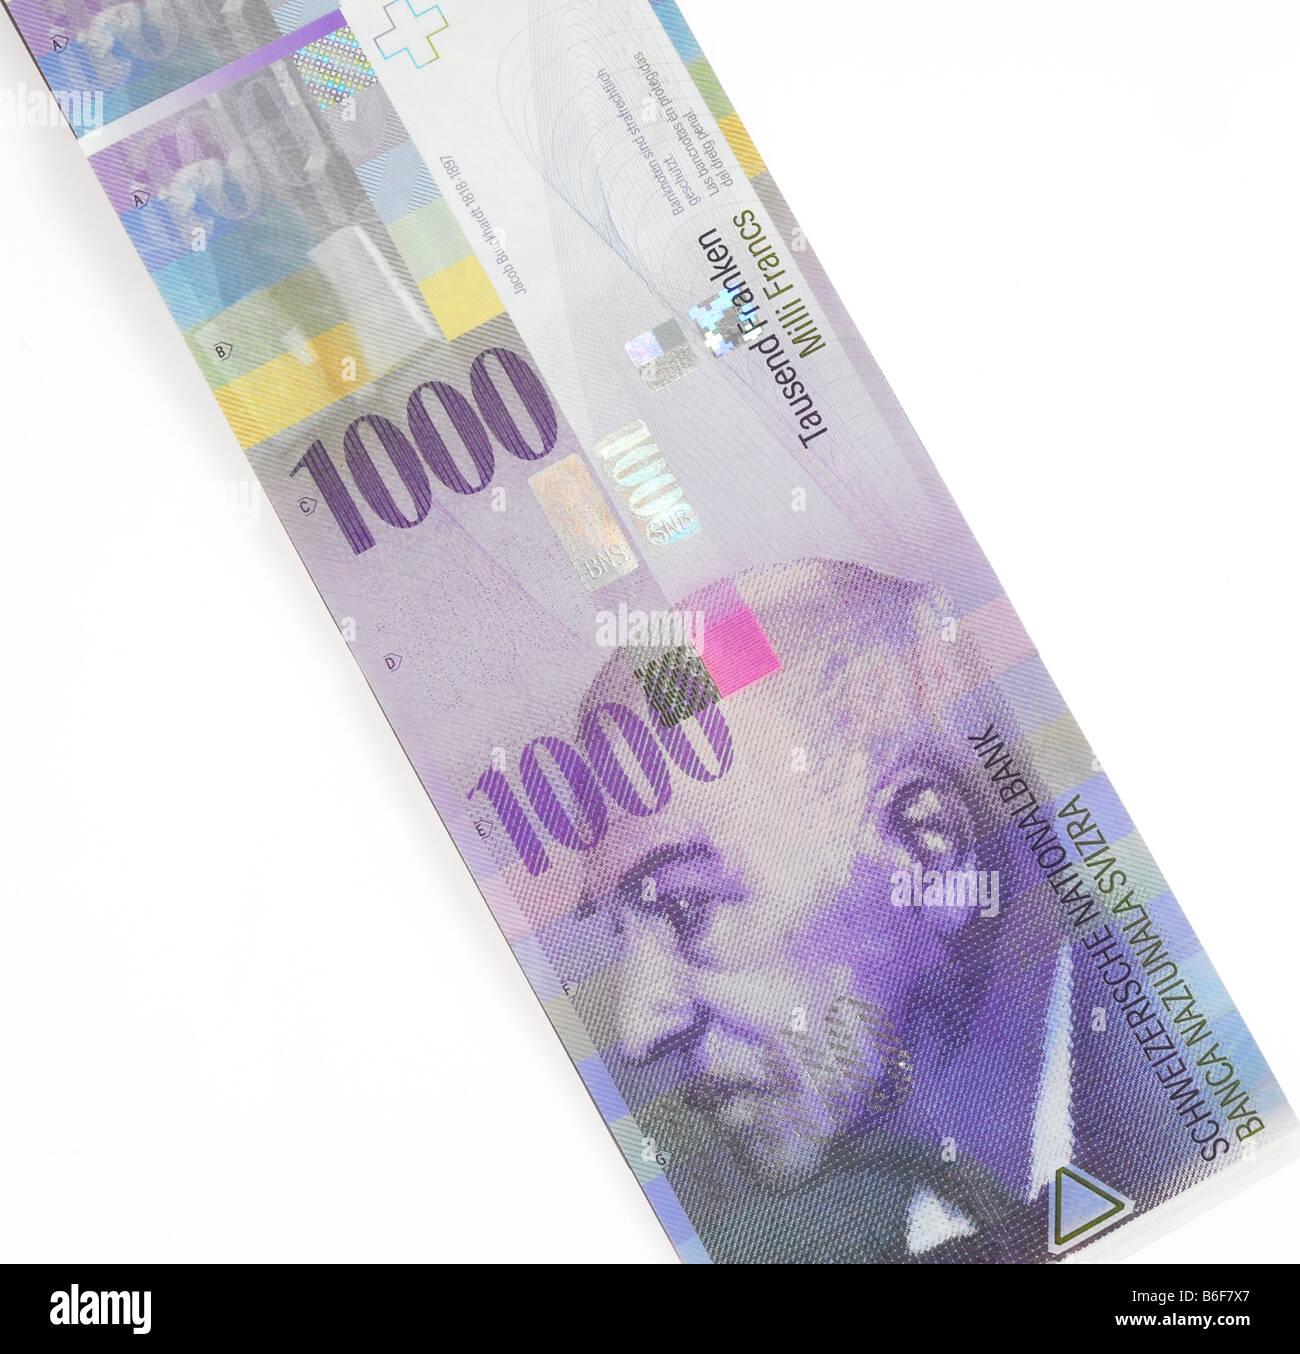 1000 oder tausend schweizer franken banknote schweiz stockfoto bild 21233807 alamy. Black Bedroom Furniture Sets. Home Design Ideas